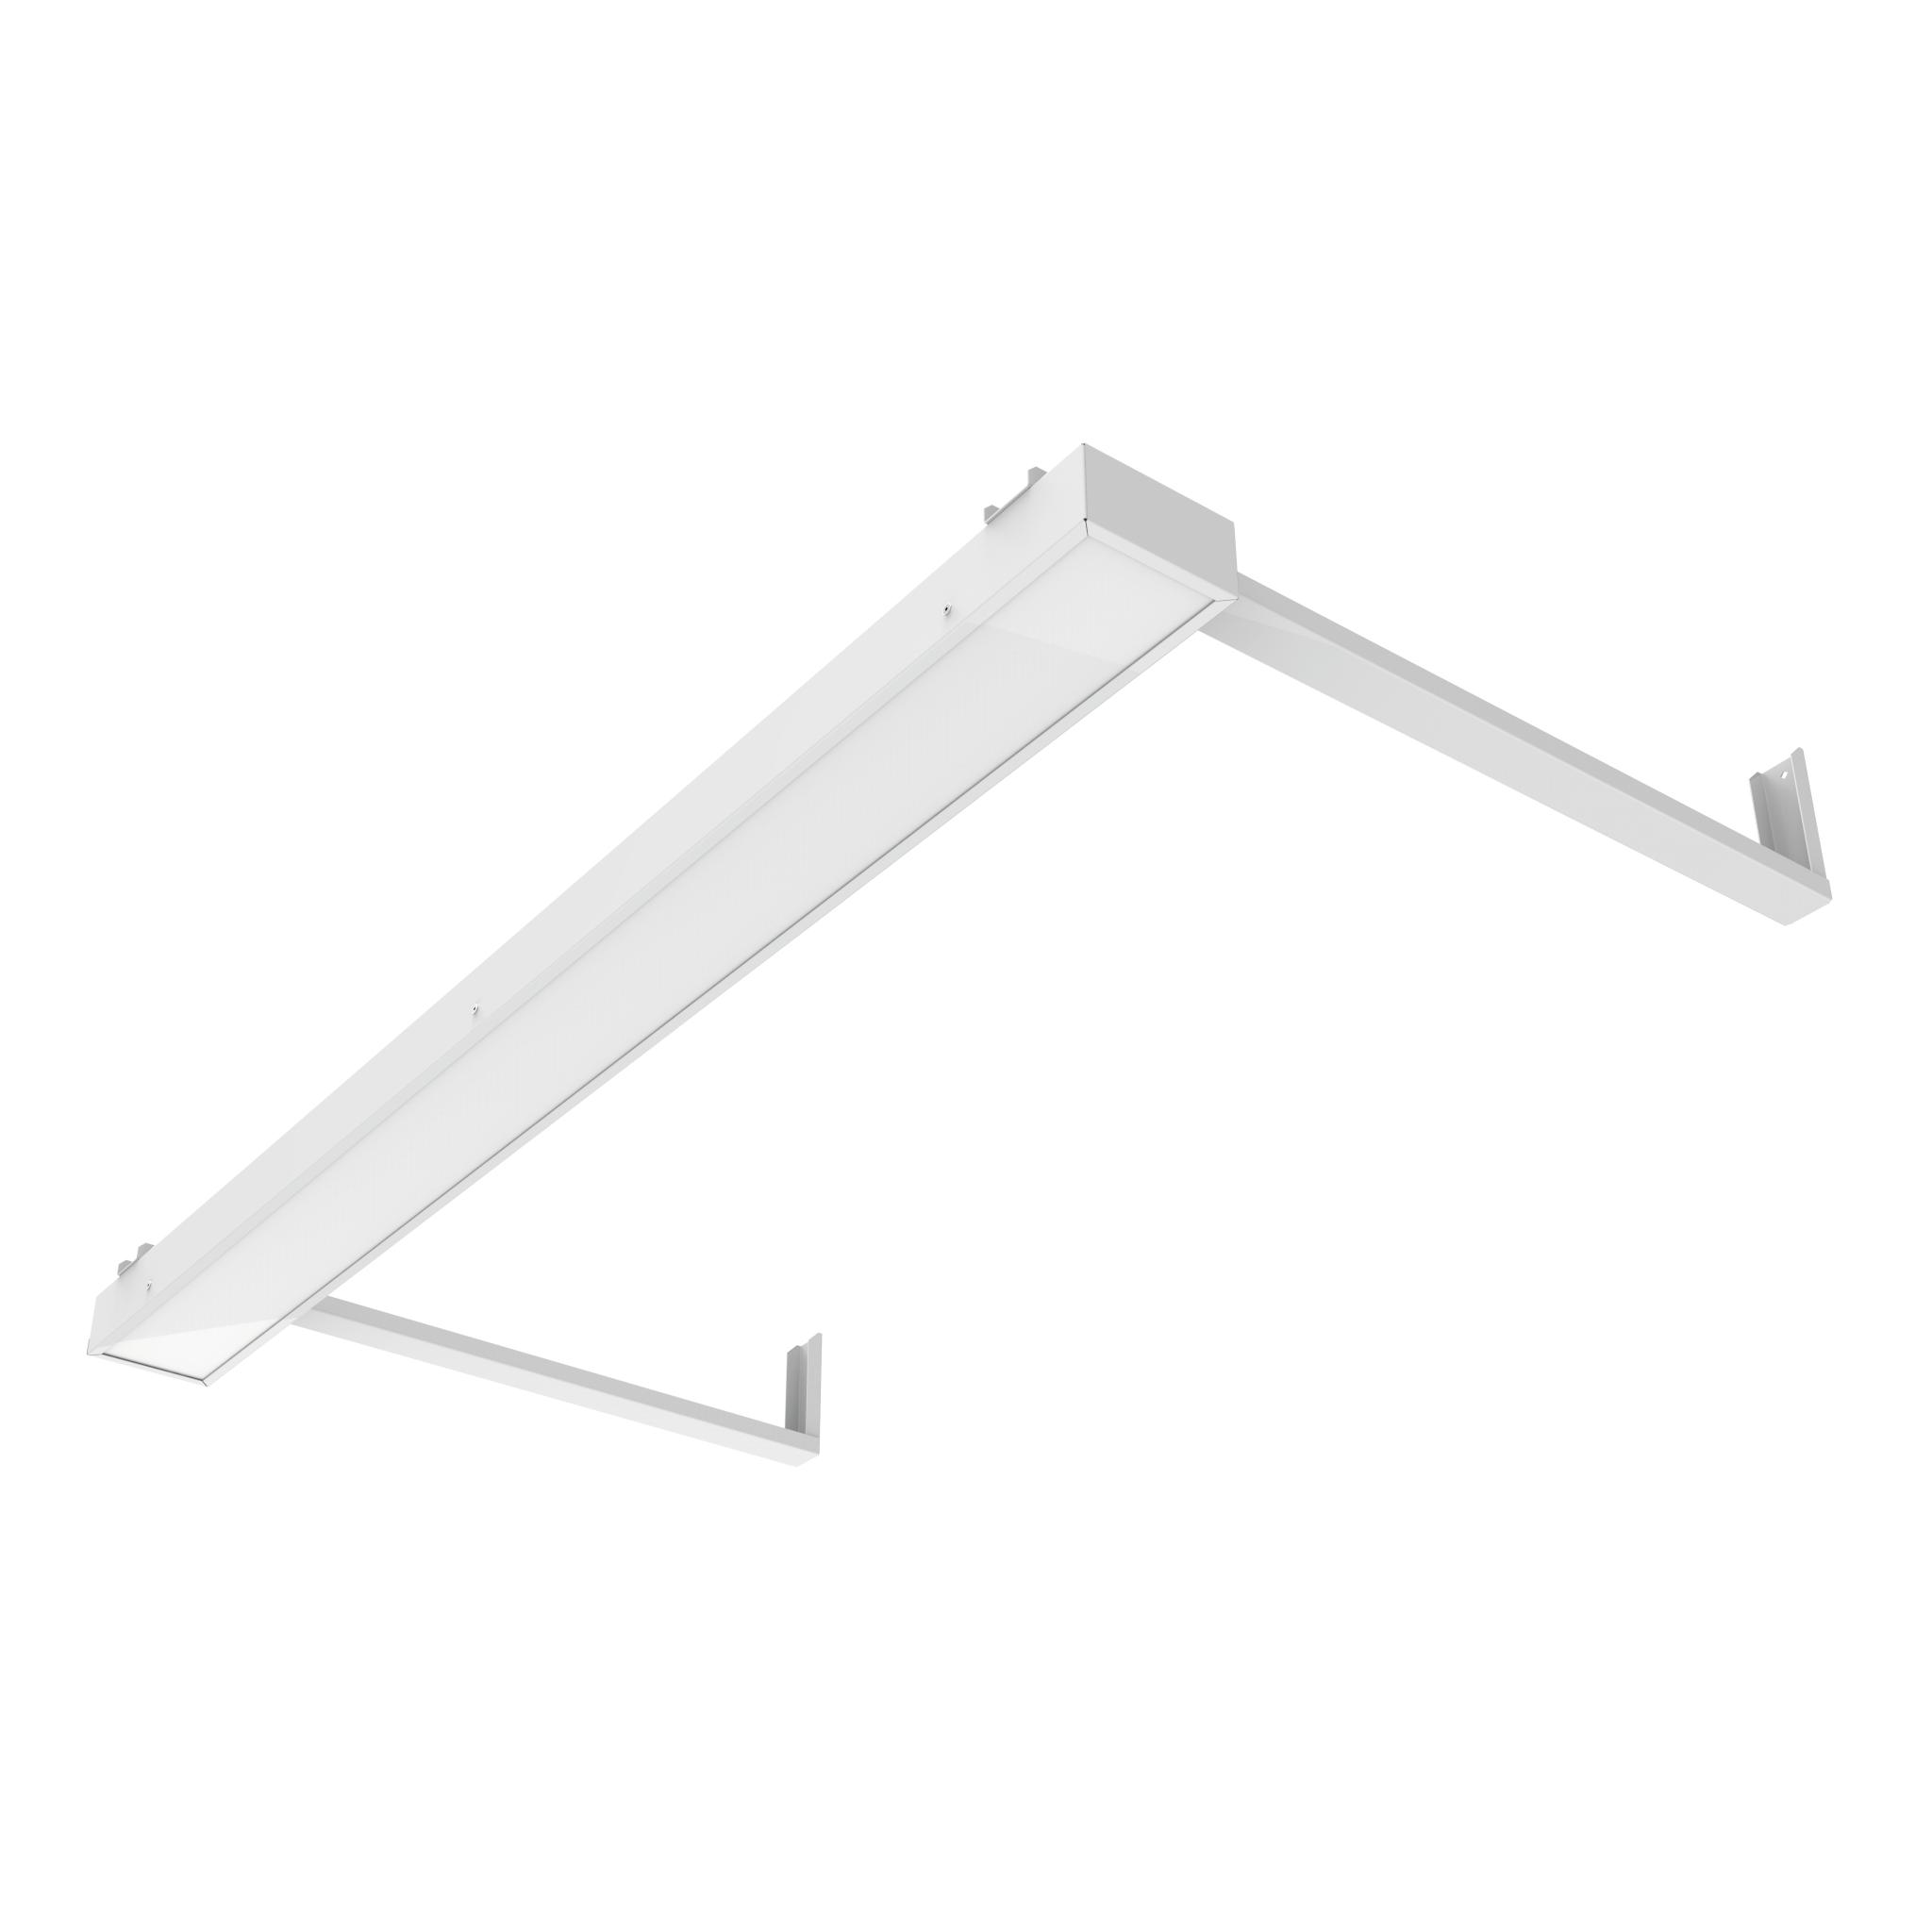 Светодиодный светильник SKE-для школьных досок NSU-20 1195хх100 в комплекте с рассеивателем опал\призма и кронштейнами